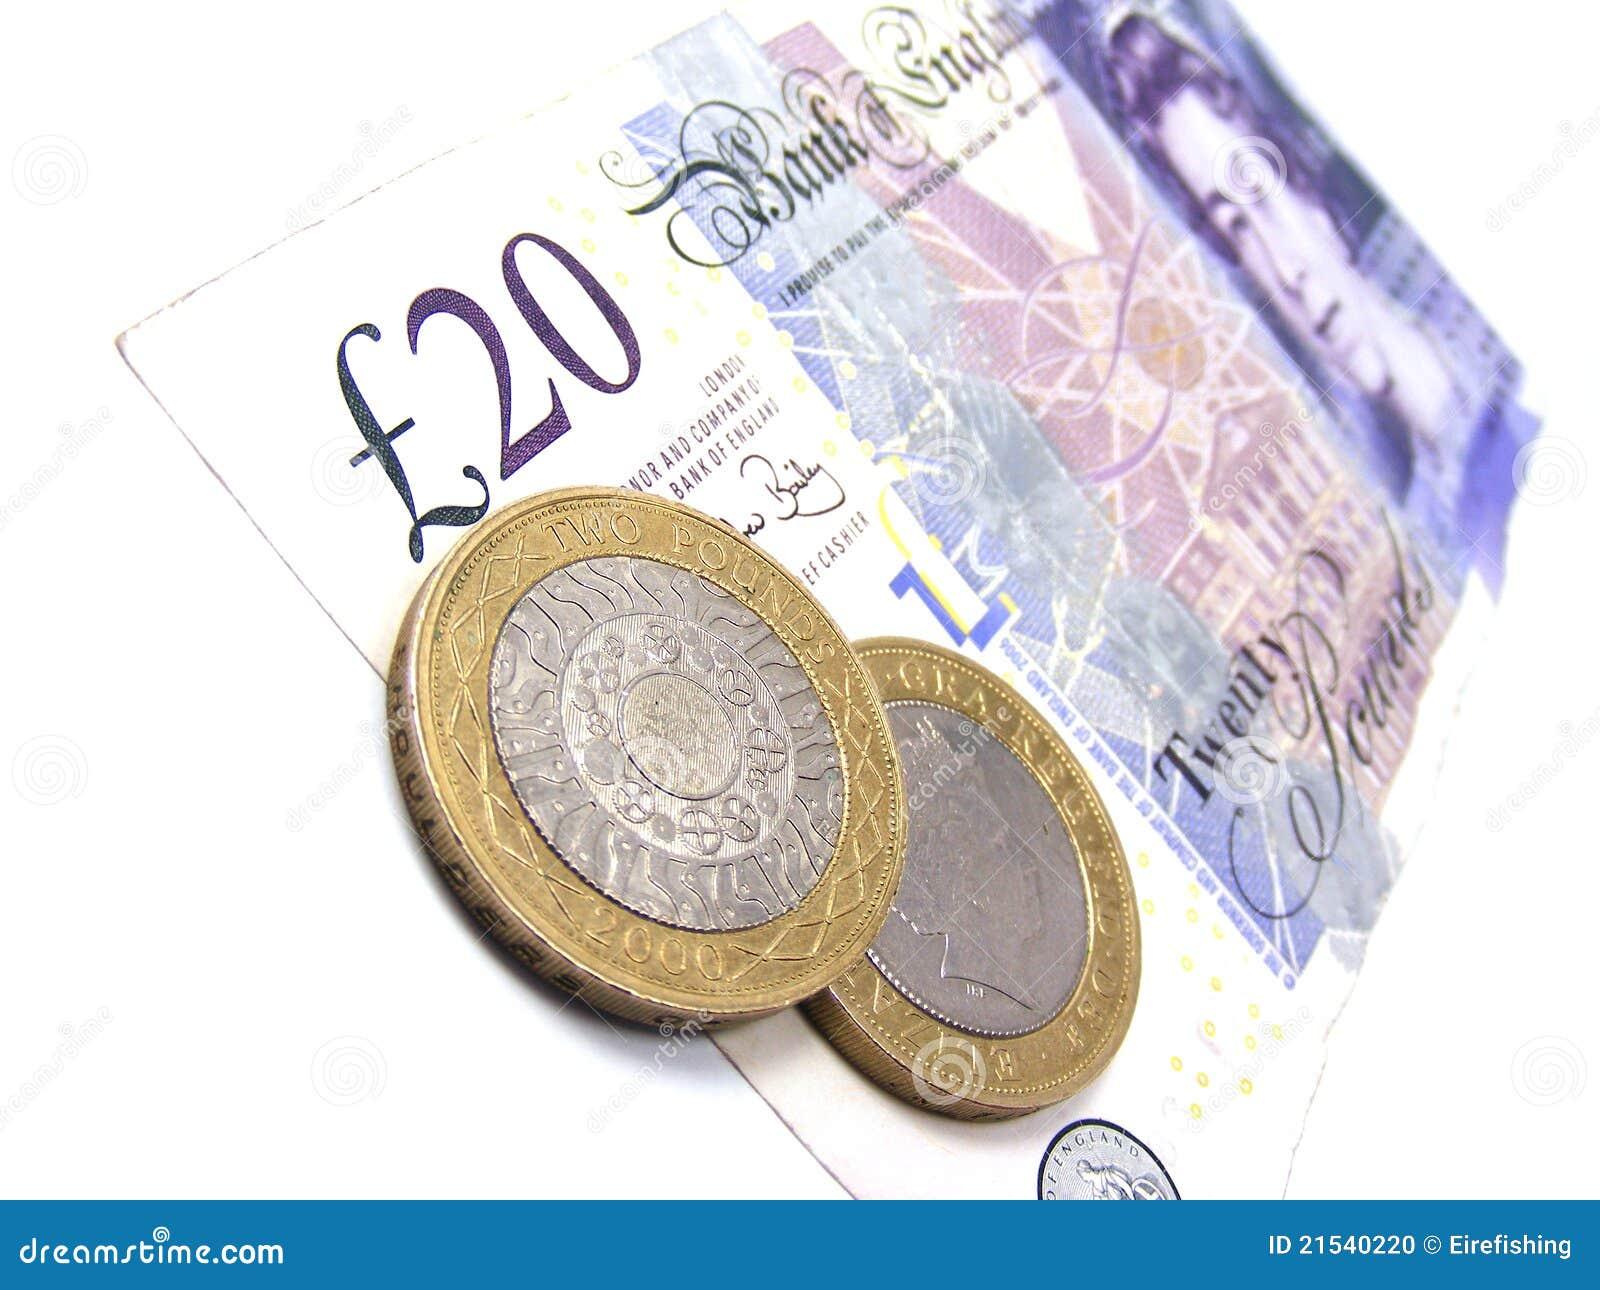 Briten 20 Pfund Anmerkung Mit 2 Pfund Münzen Redaktionelles Bild